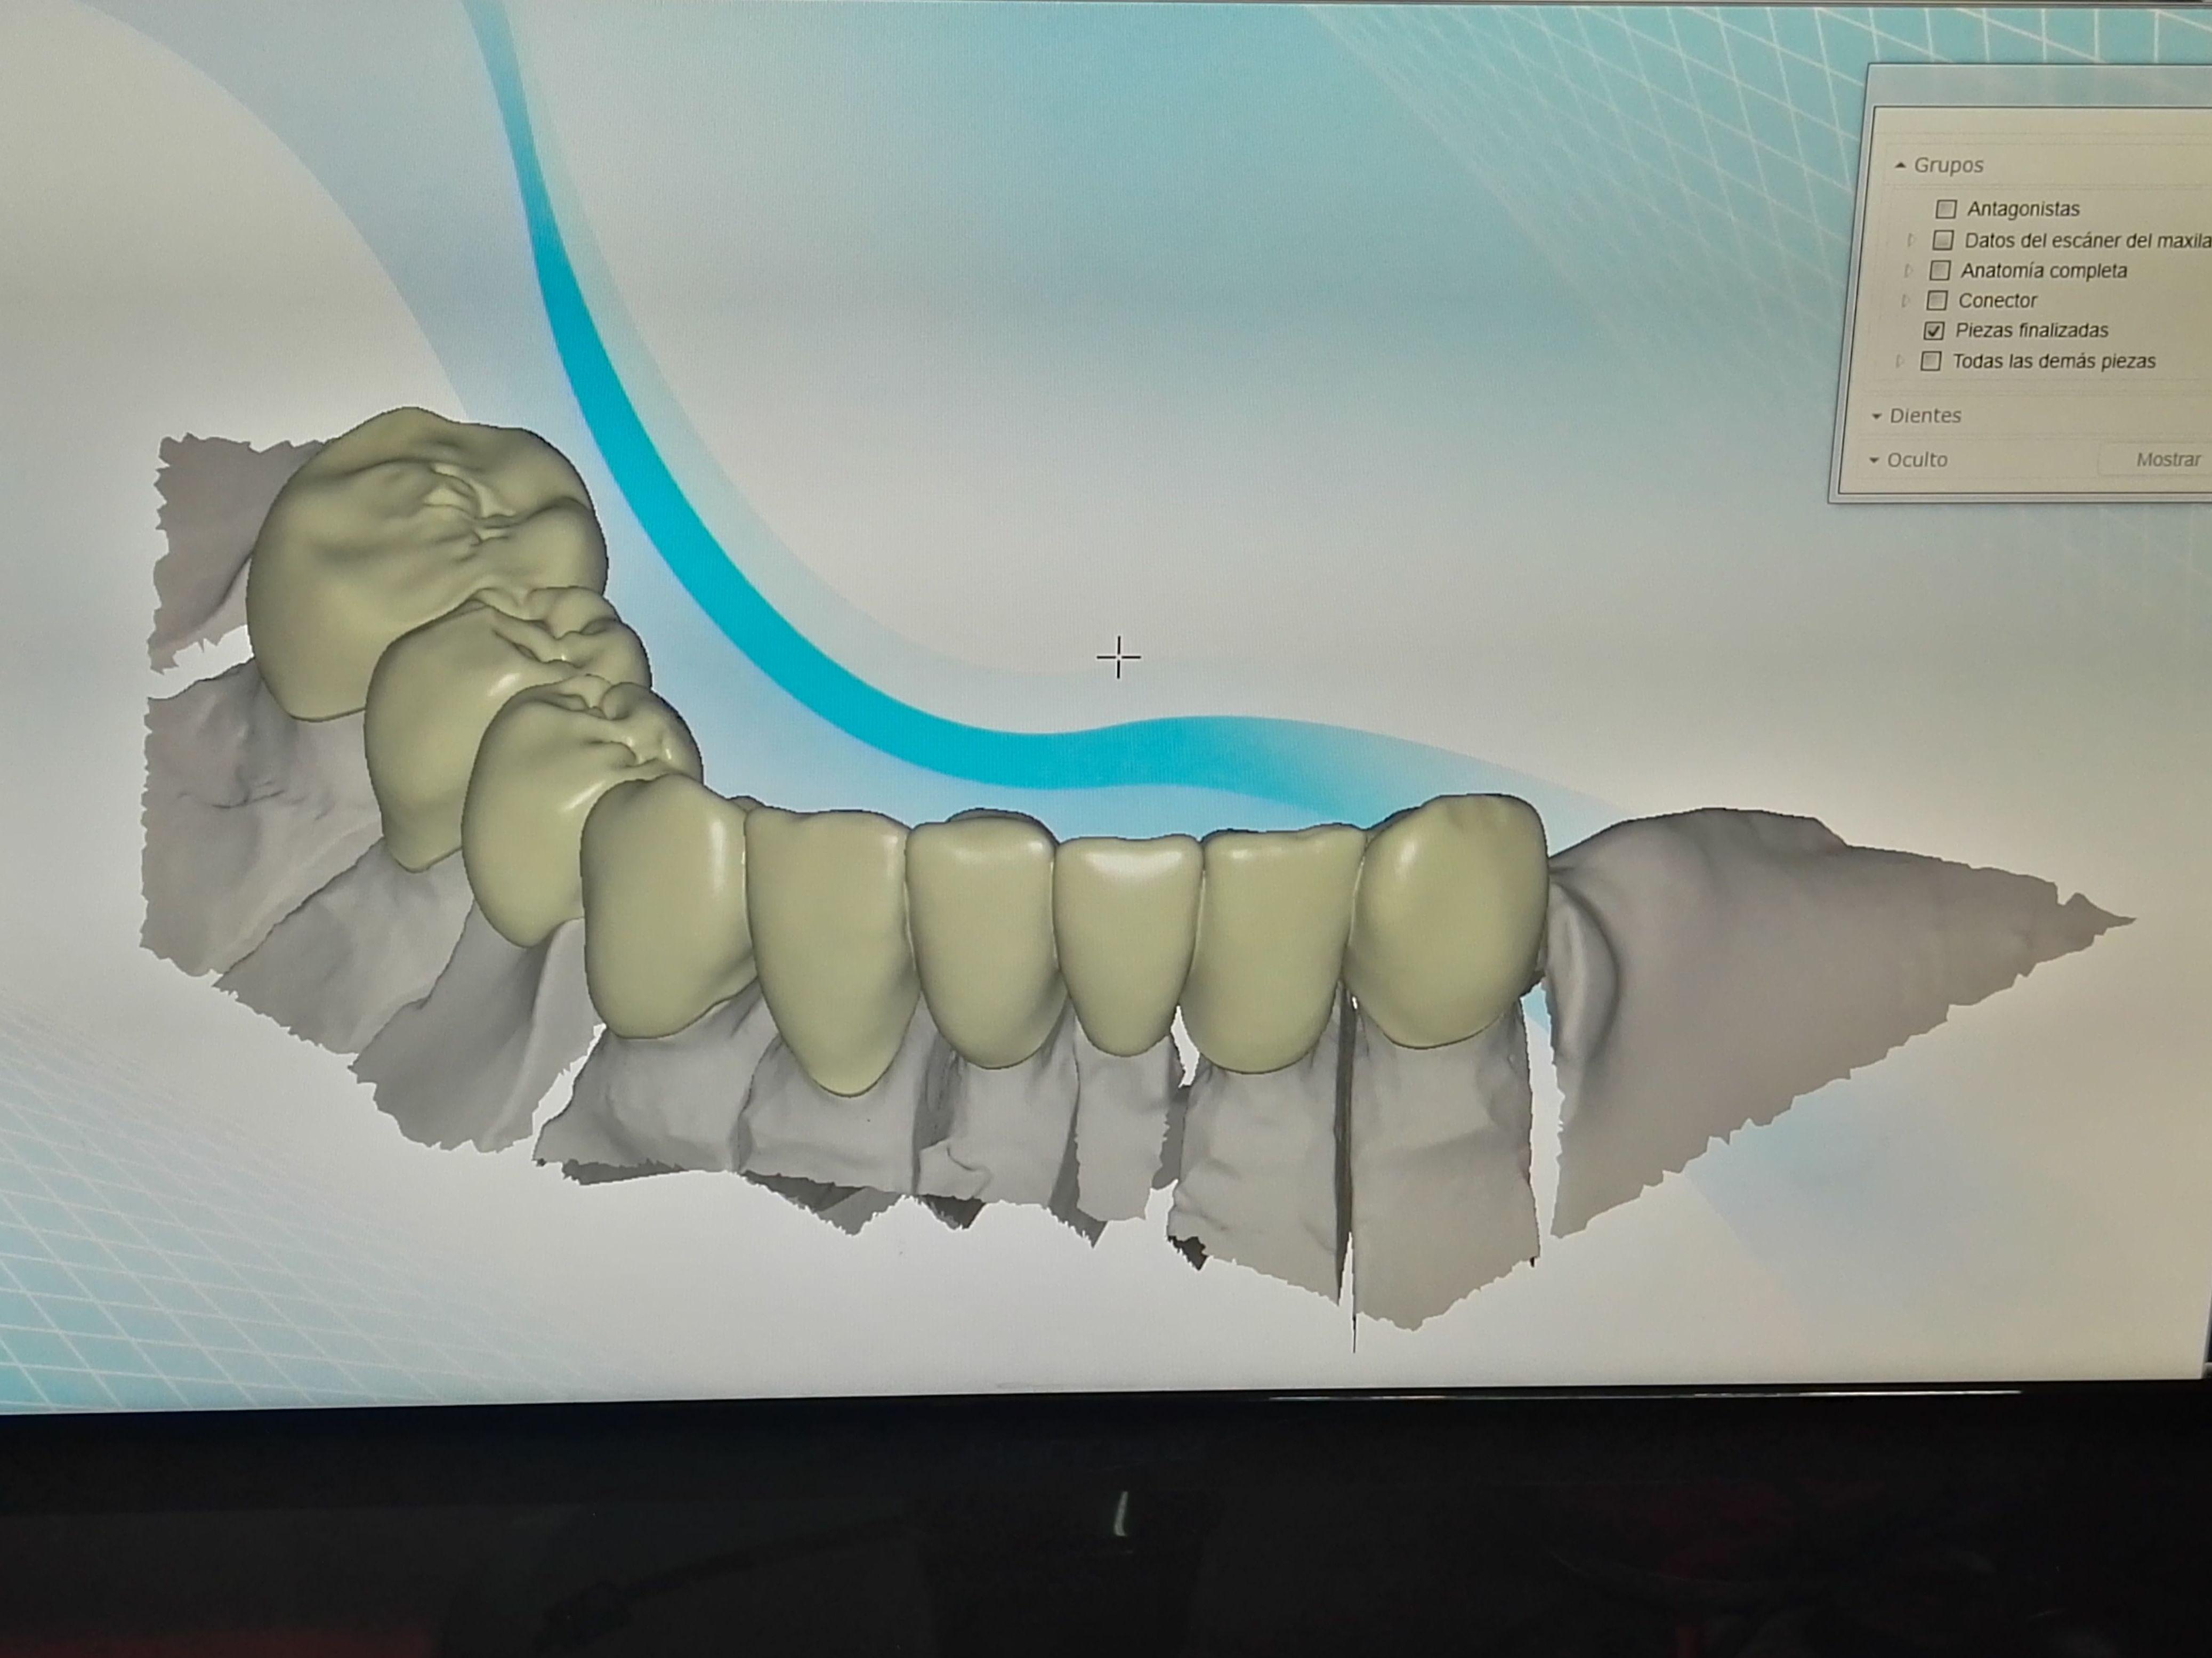 Foto 72 de Consulta de prótesis dentales en Jaén | Dental Tucci